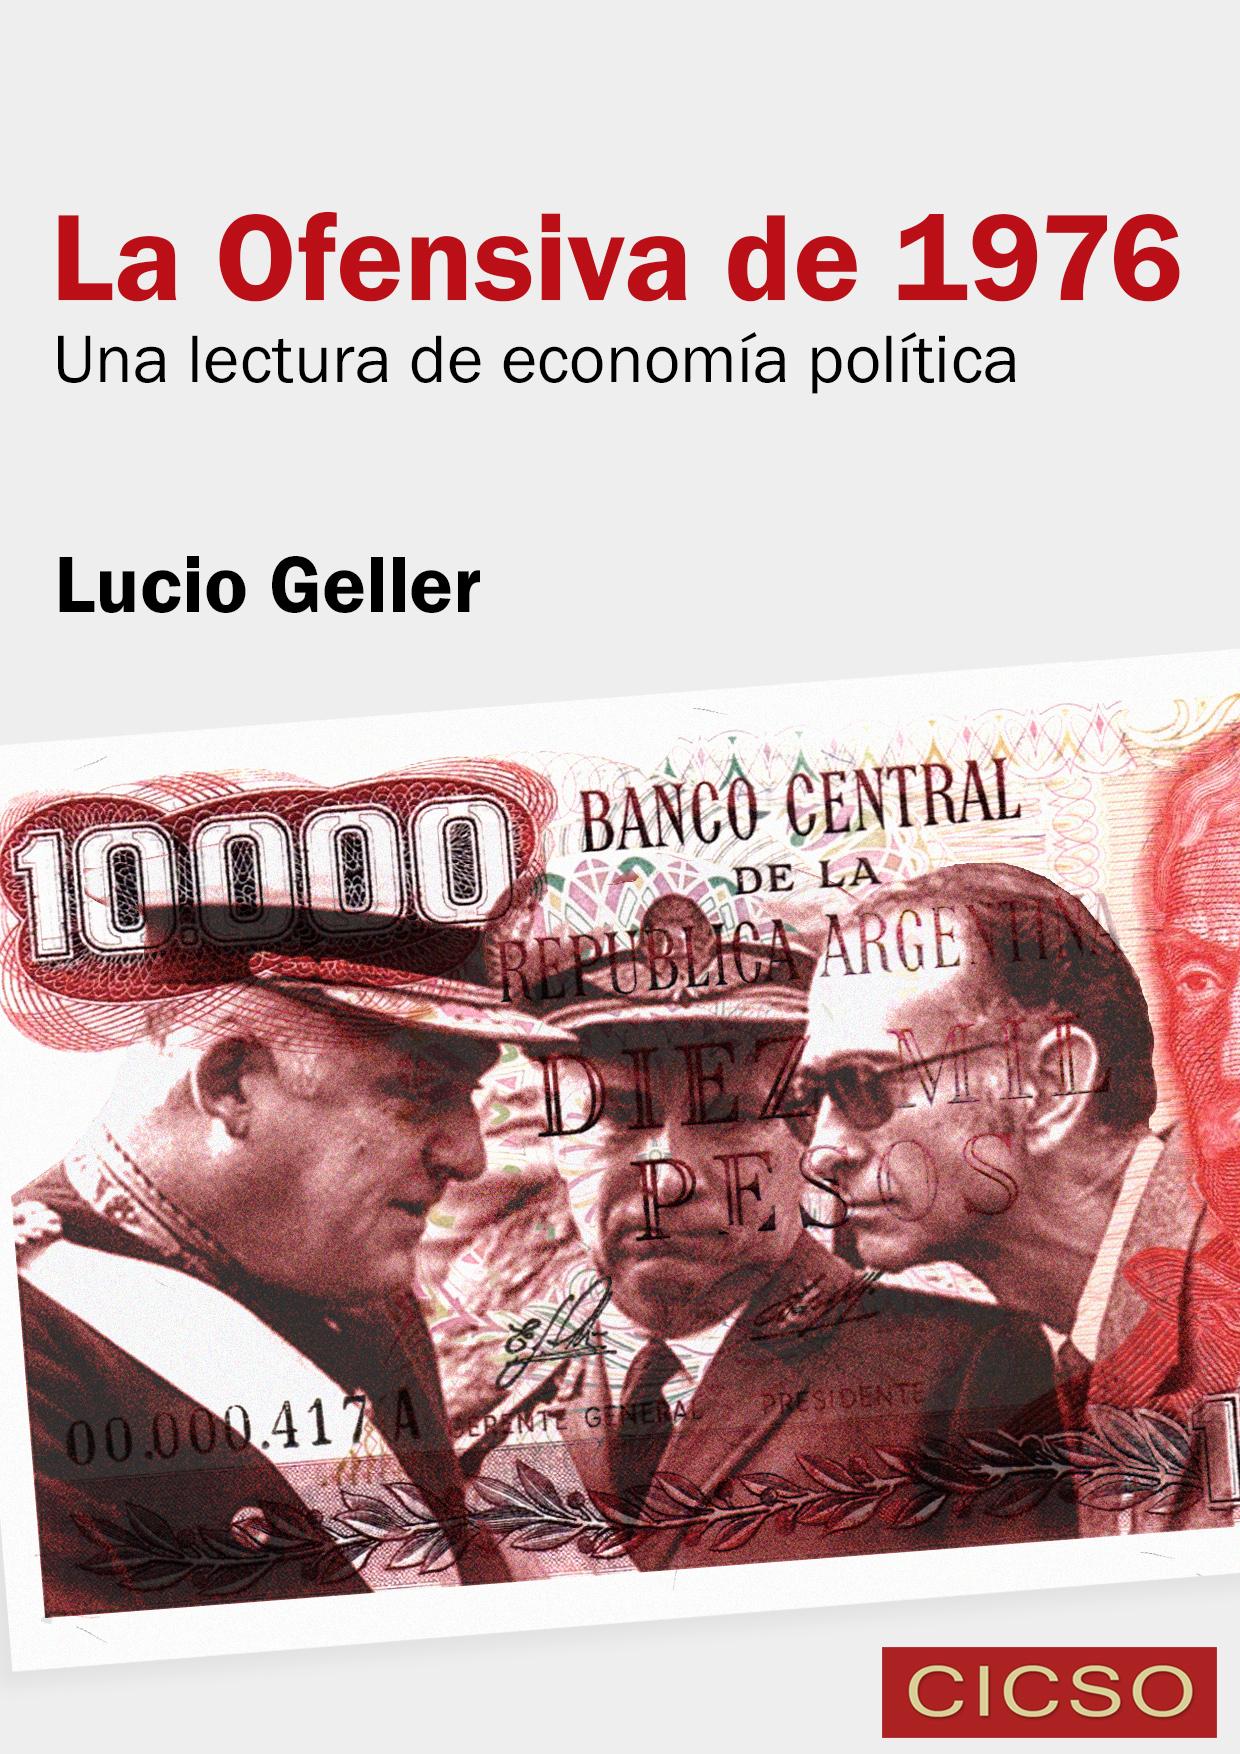 """La ofensiva de 1976"""", una lectura sobre la economía política de la  dictadura – Canal Abierto"""